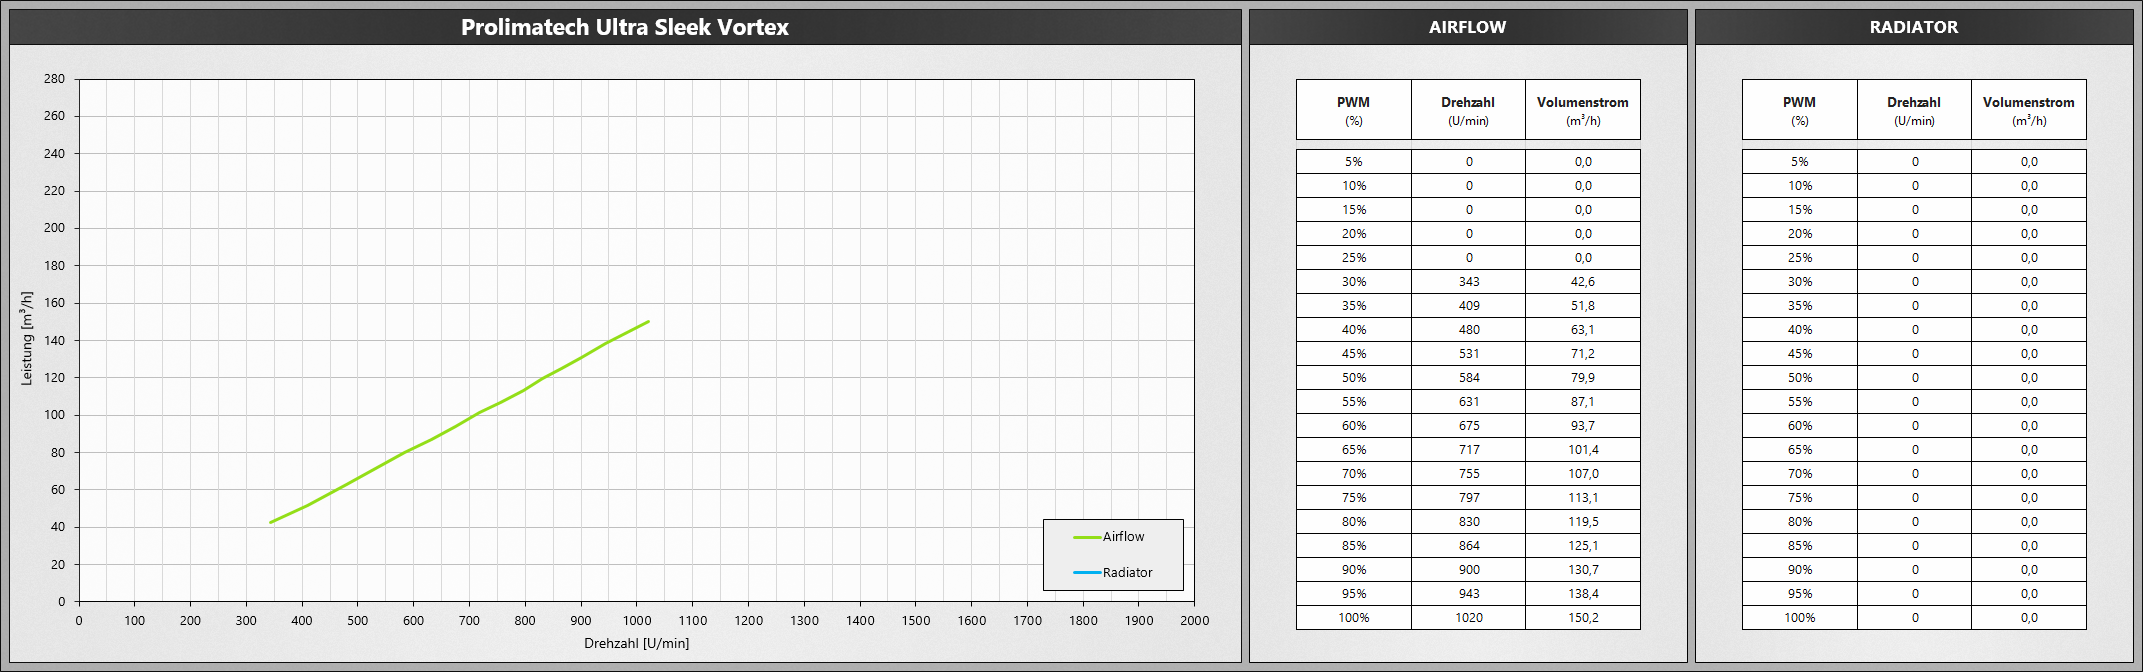 Klicken Sie auf die Grafik für eine größere Ansicht  Name:ProlimatechUltraSleekVortex.png Hits:654 Größe:465,4 KB ID:1074781